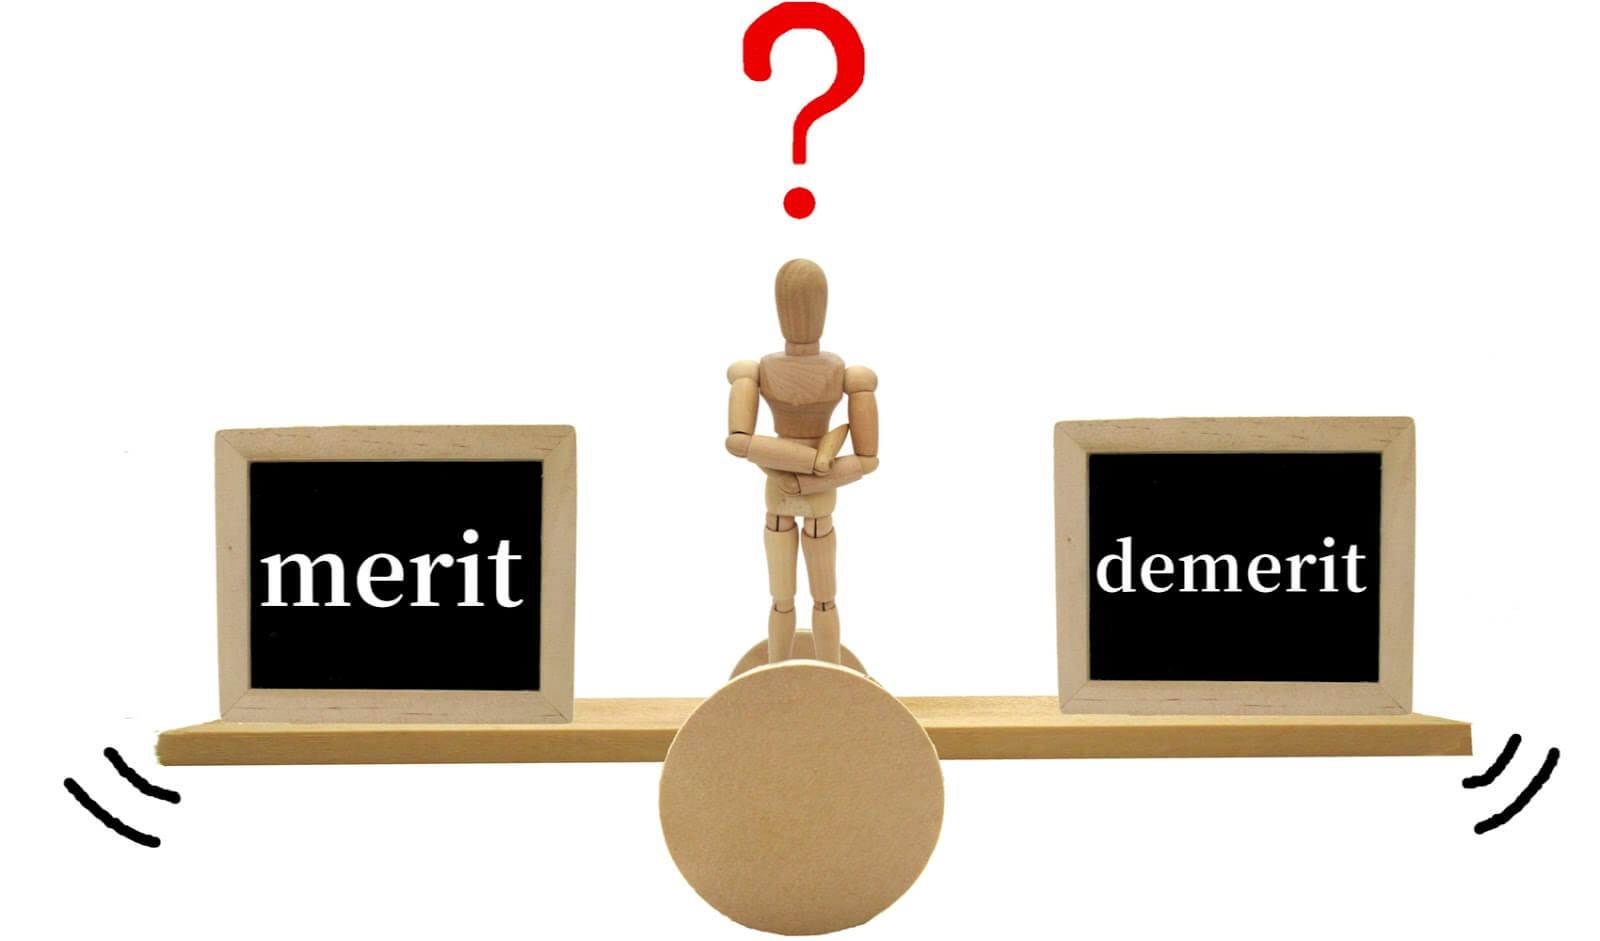 記憶力アップの方法 メリット デメリット